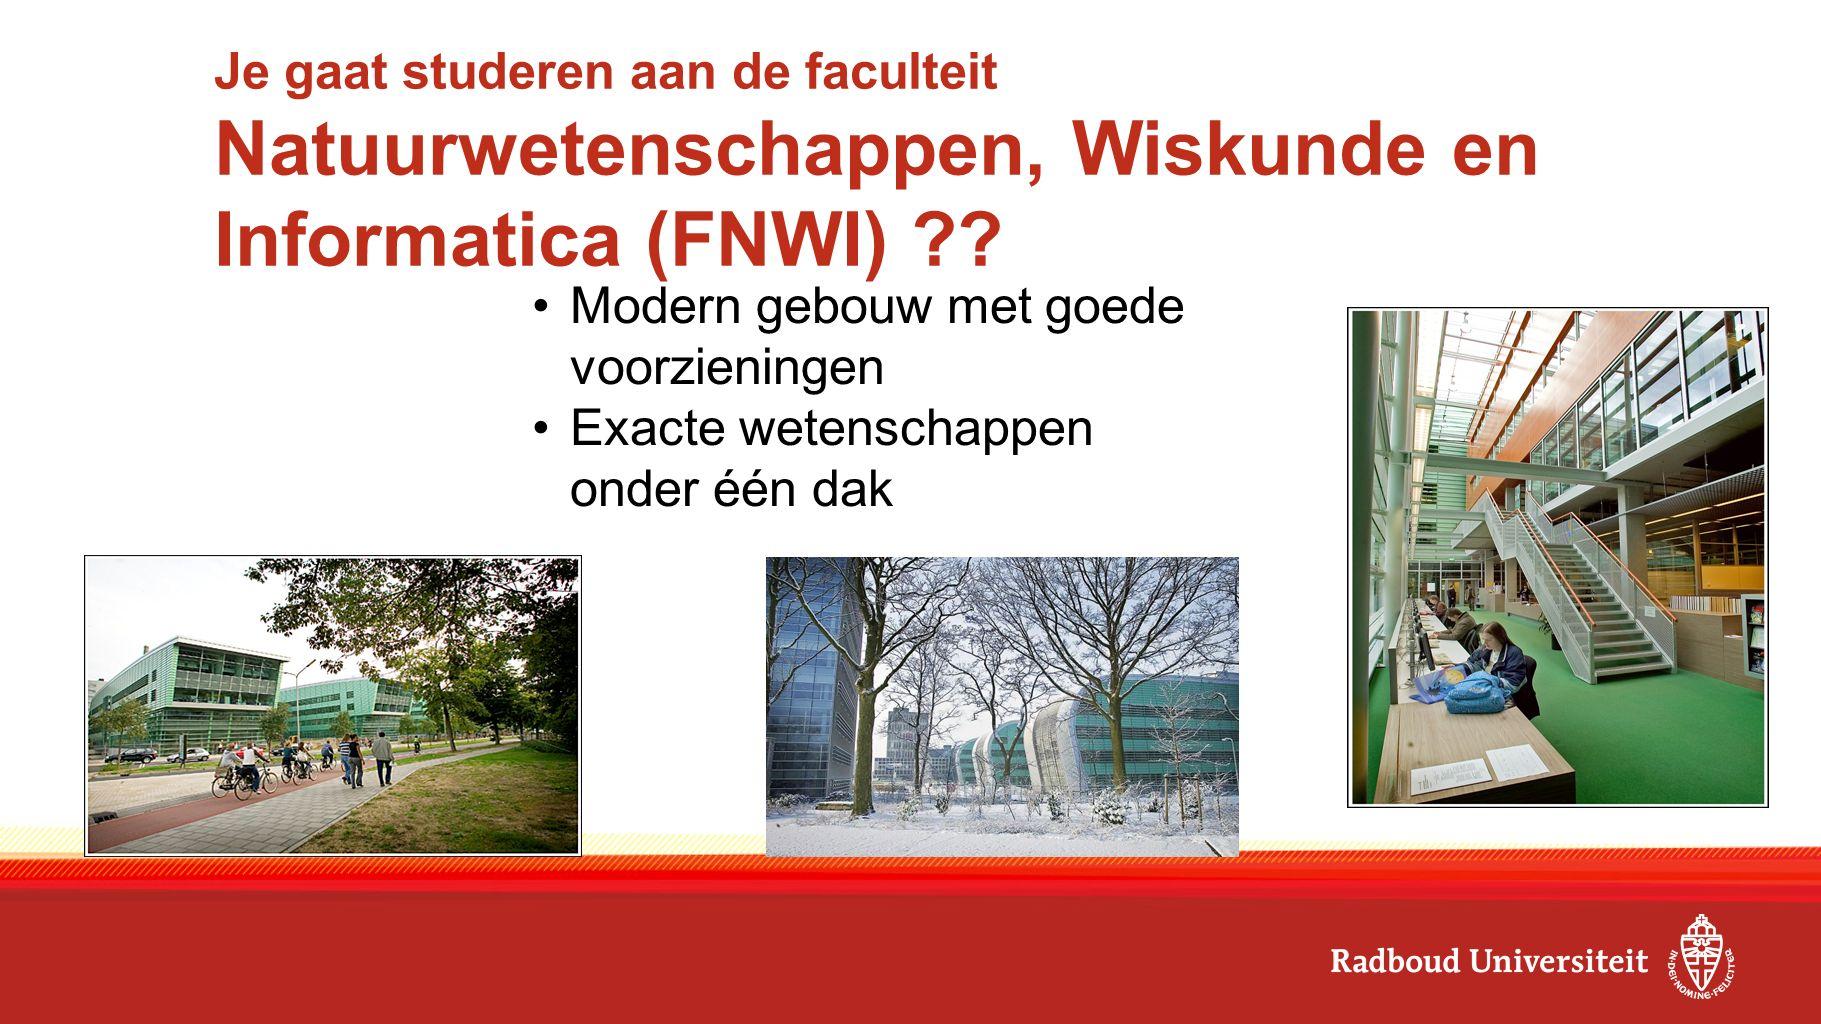 Je gaat studeren aan de faculteit Natuurwetenschappen, Wiskunde en Informatica (FNWI) ?.